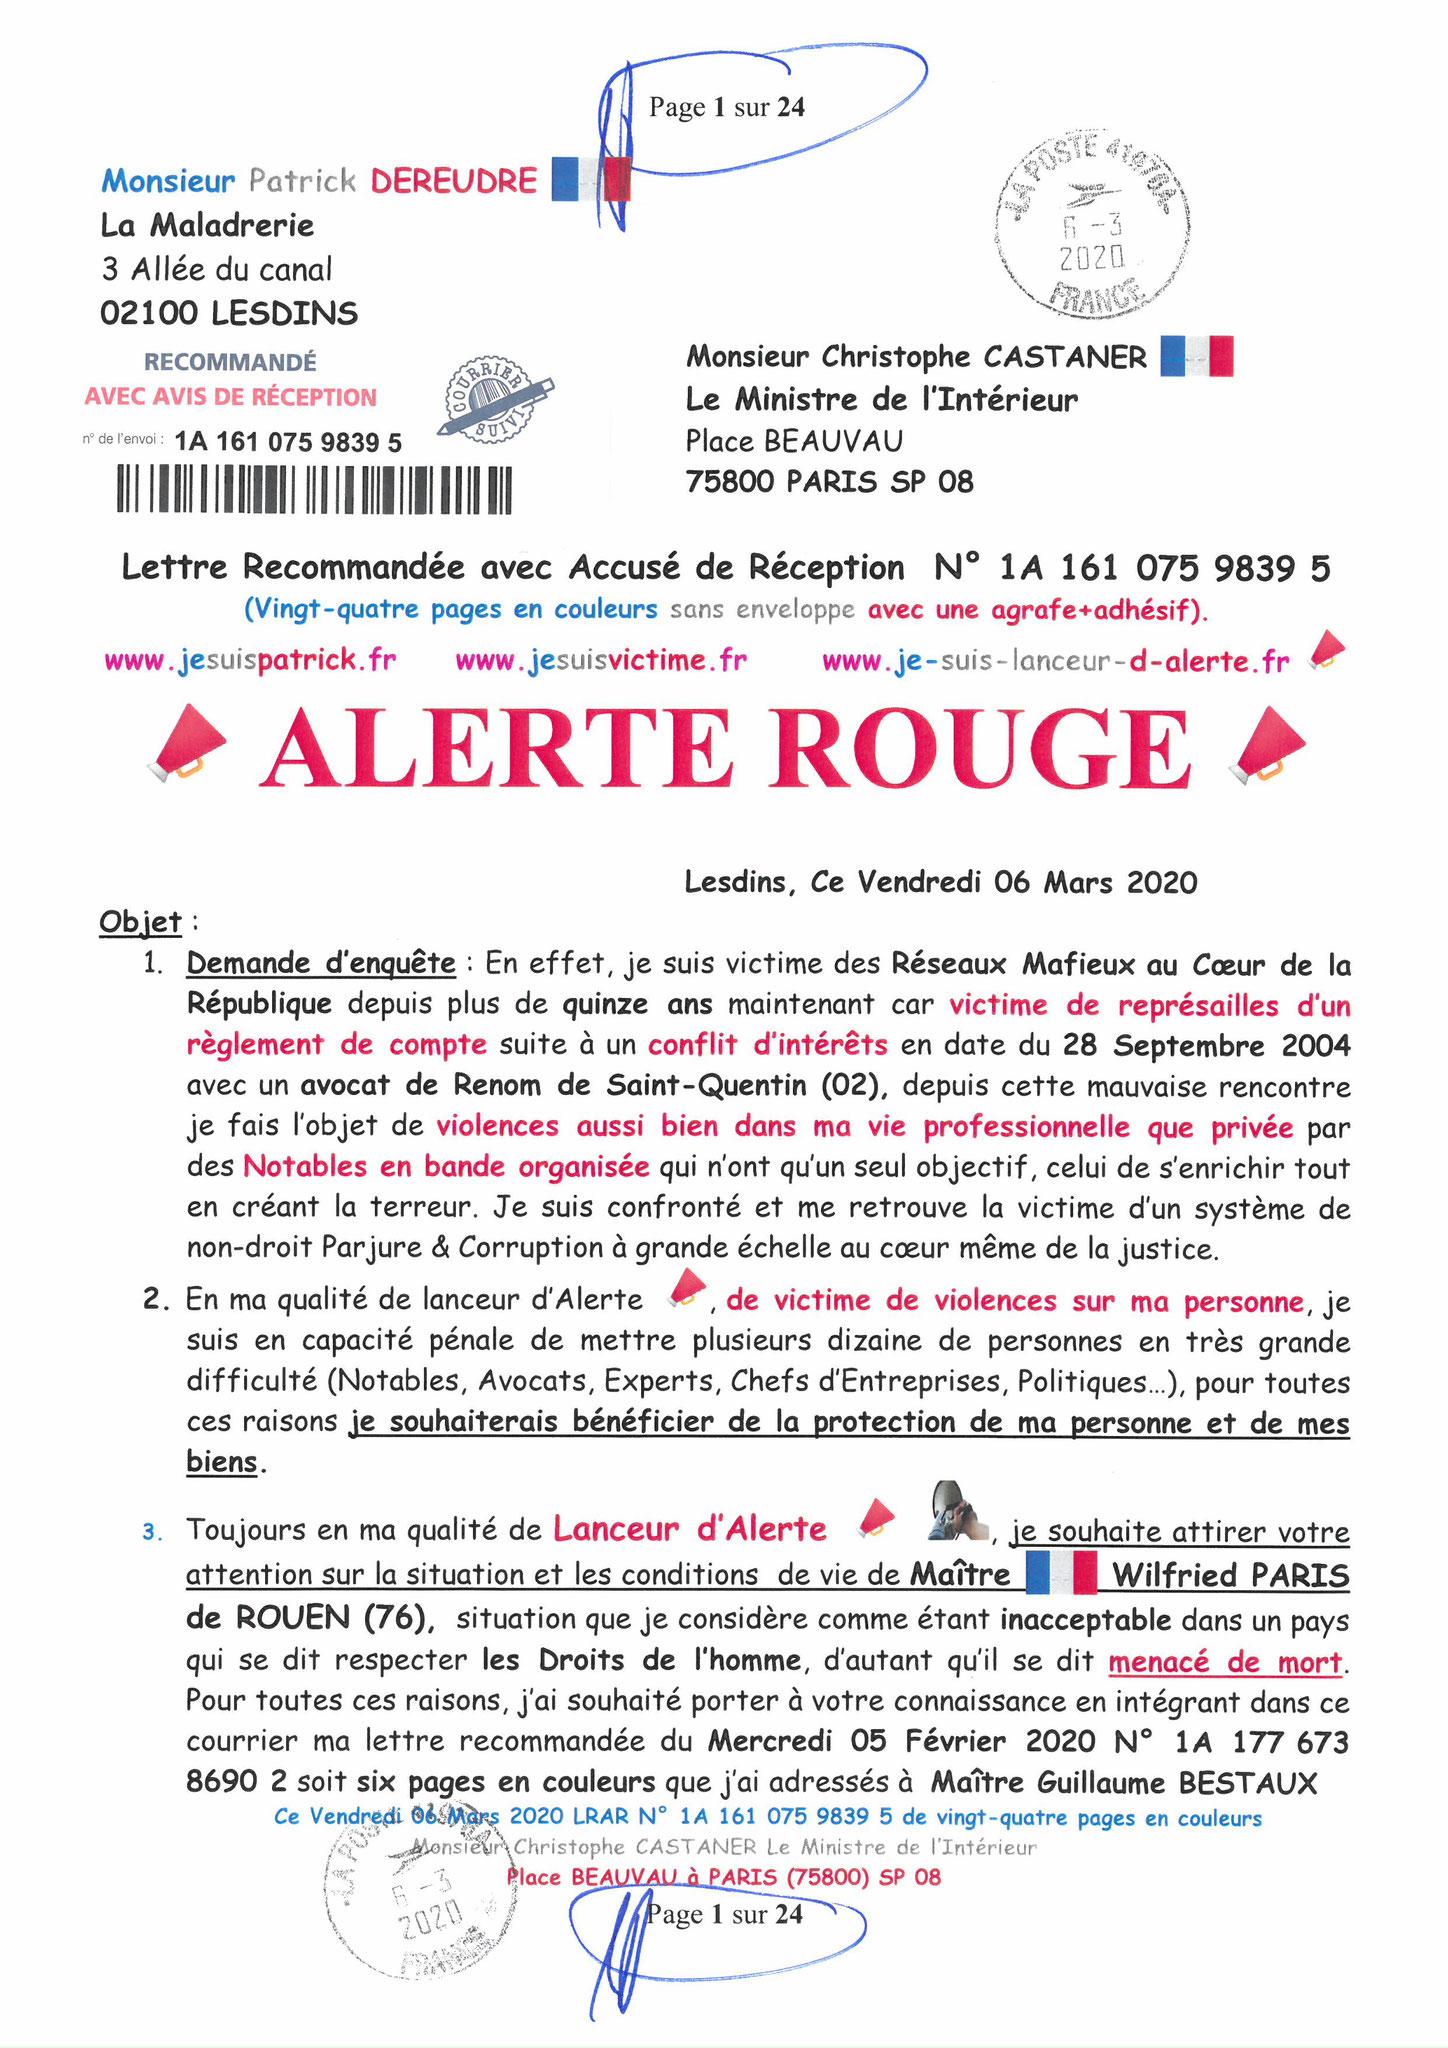 Ma LRAR à Monsieur le Ministre de l'Intérieur Christophe CASTANER N°1A 161 075 9839 5  Page 1 sur 24 en couleur du 06 Mars 2020  www.jesuispatrick.fr